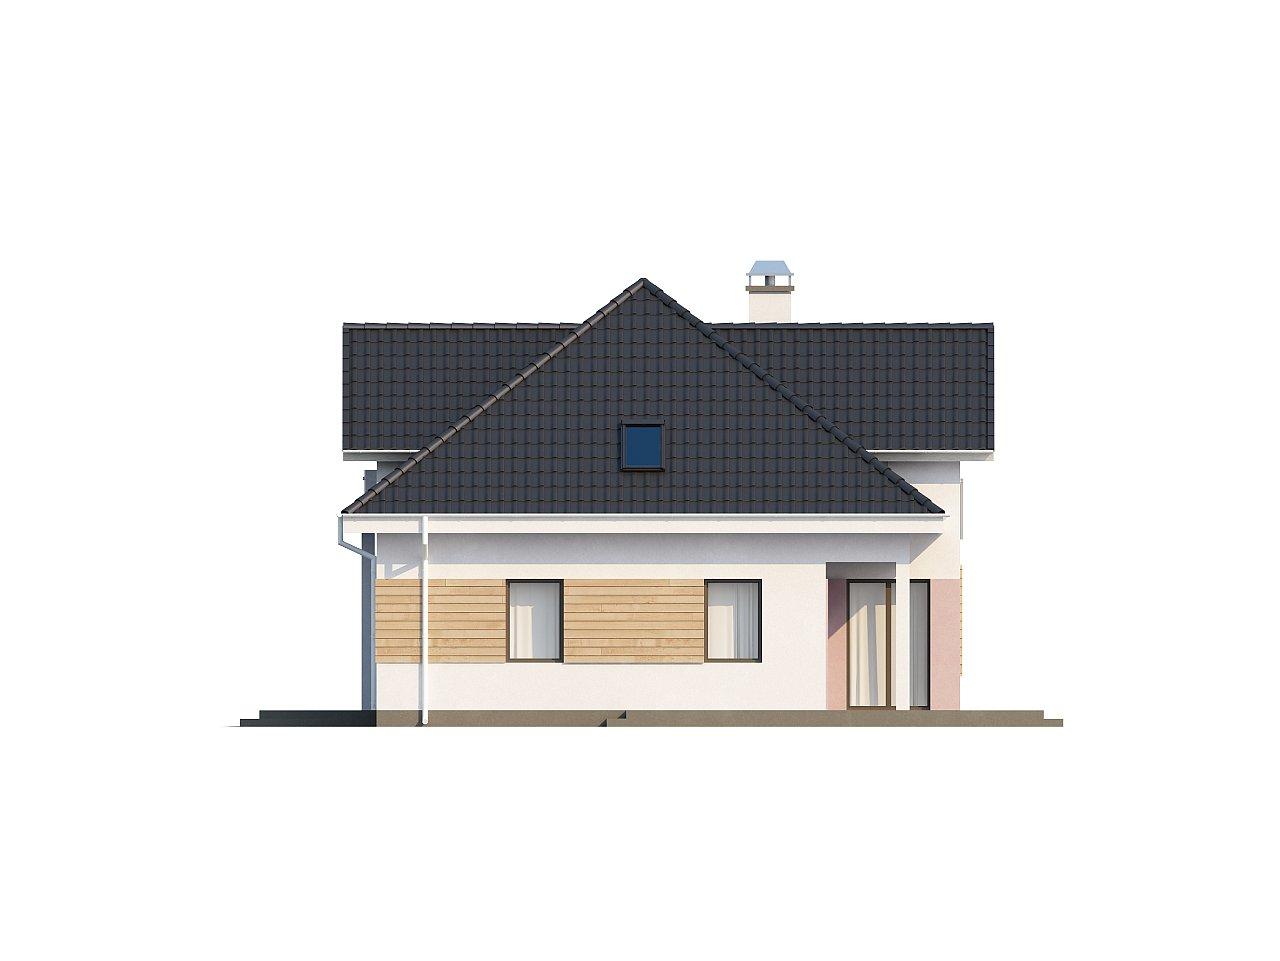 Комфортный стильный дом с большим гаражом для двух автомобилей и дополнительной комнатой над ним. 6